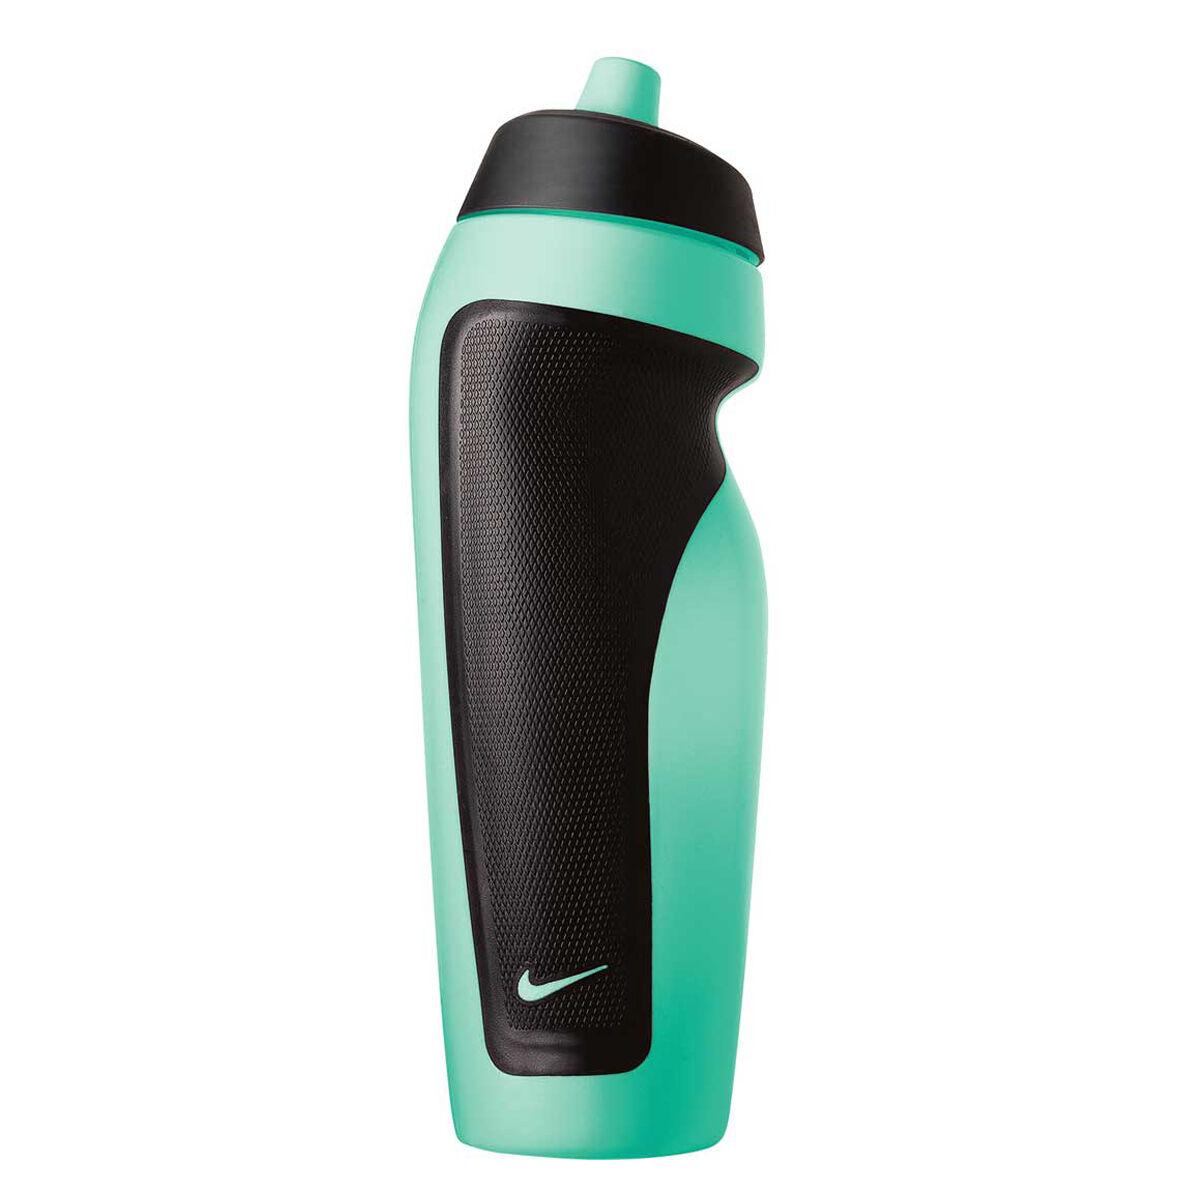 Nike Sport Water Bottle 600ml